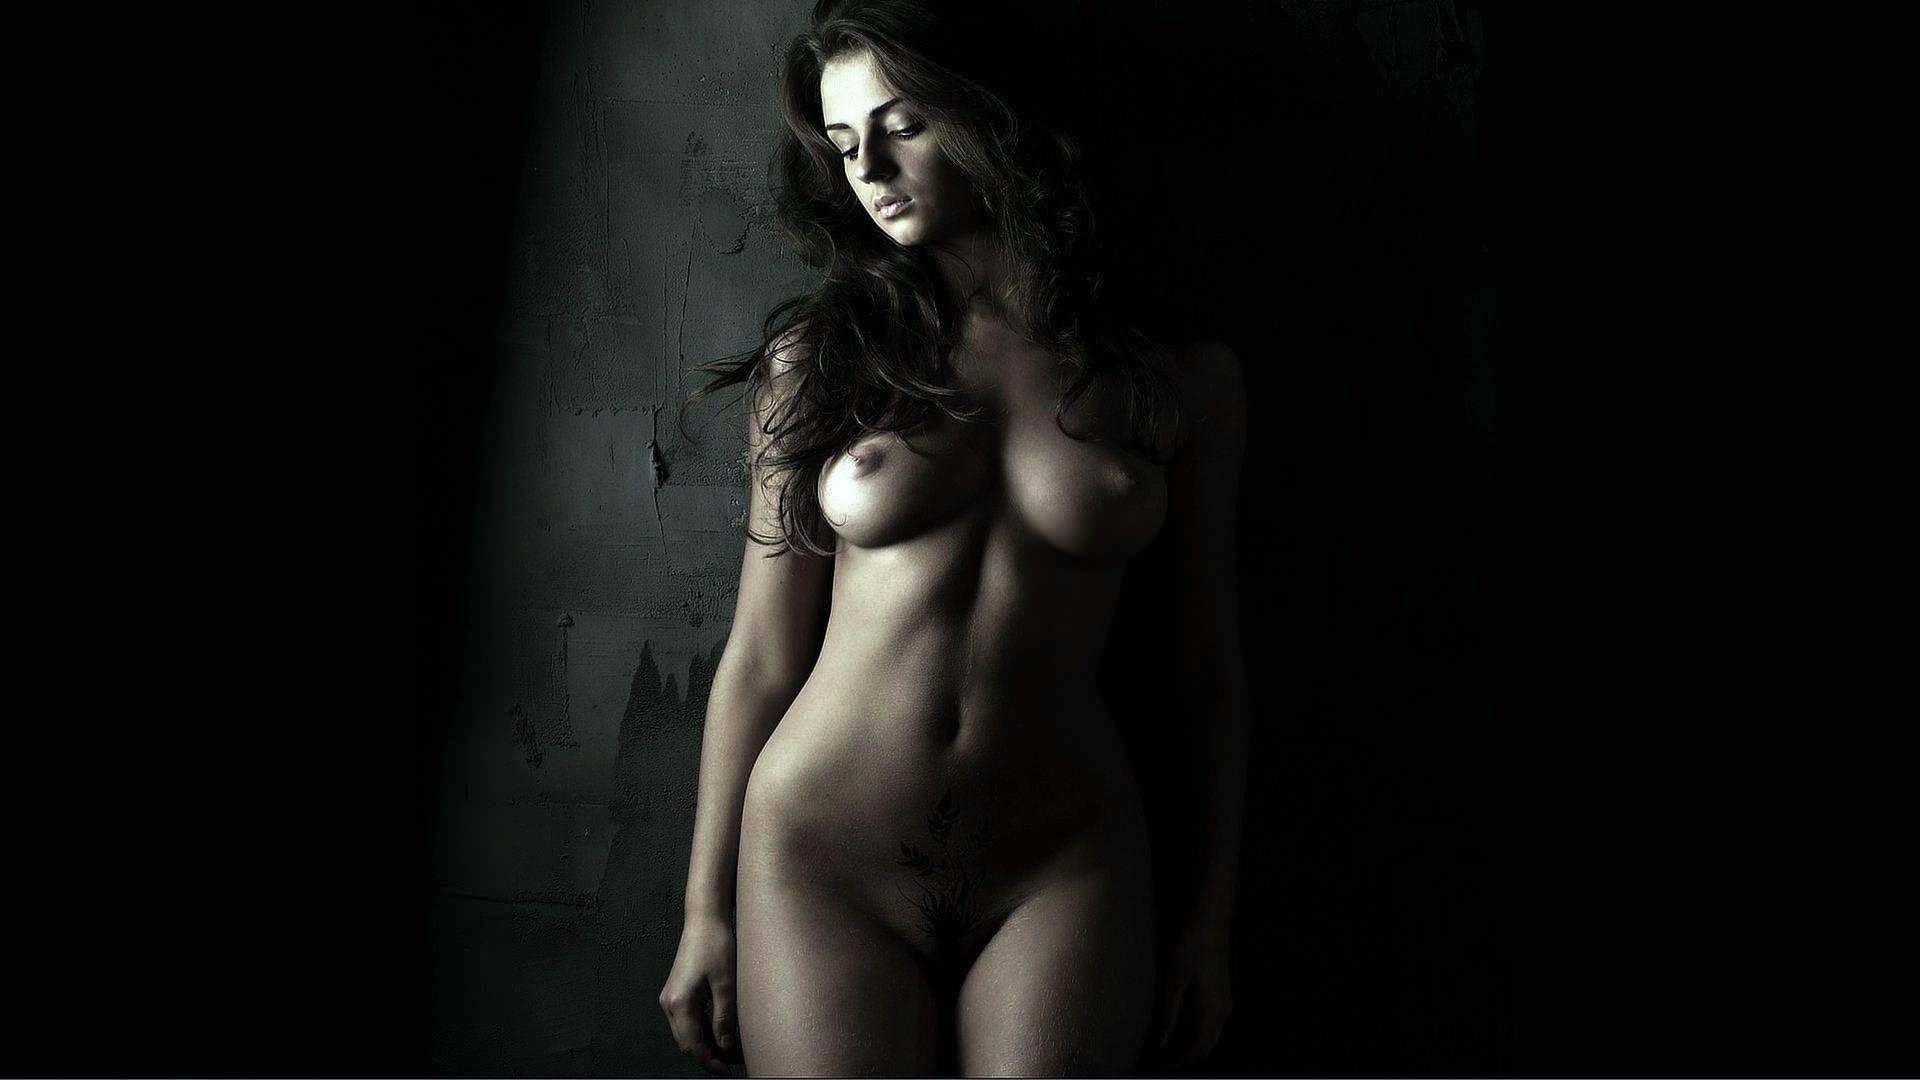 Скачять еротику бесплатно 10 фотография